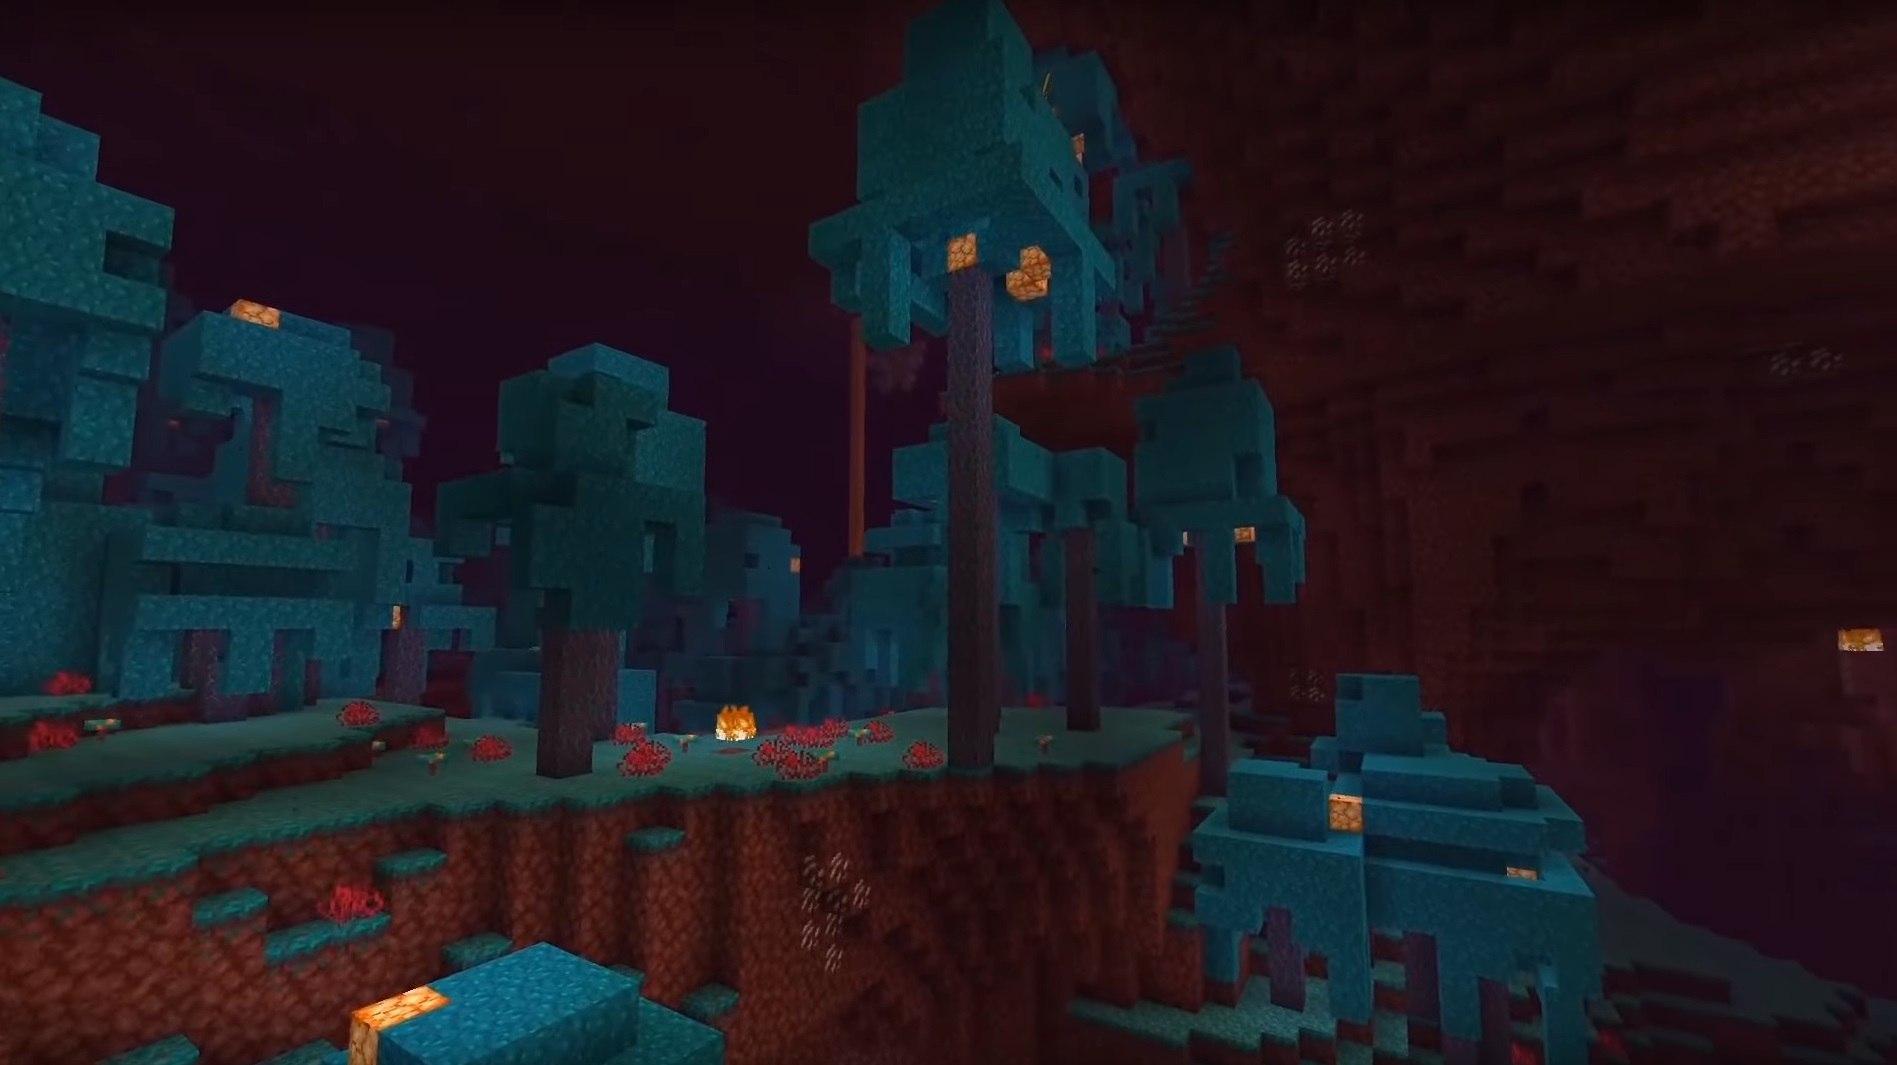 nether update minecraft zdj1